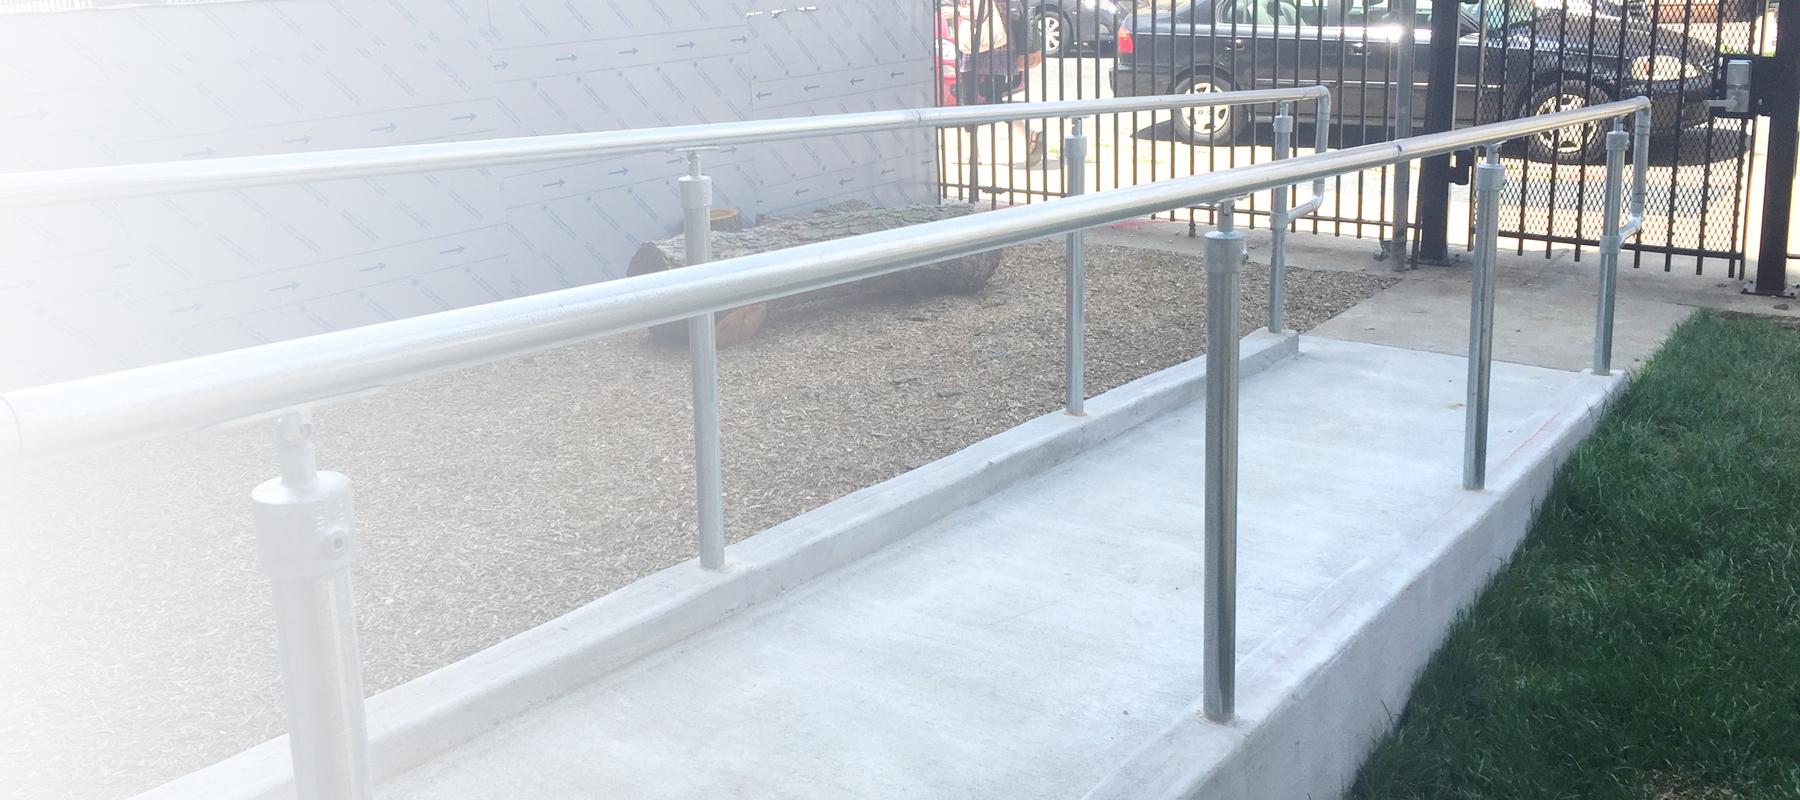 Understanding Ada Handrail Height Requirements